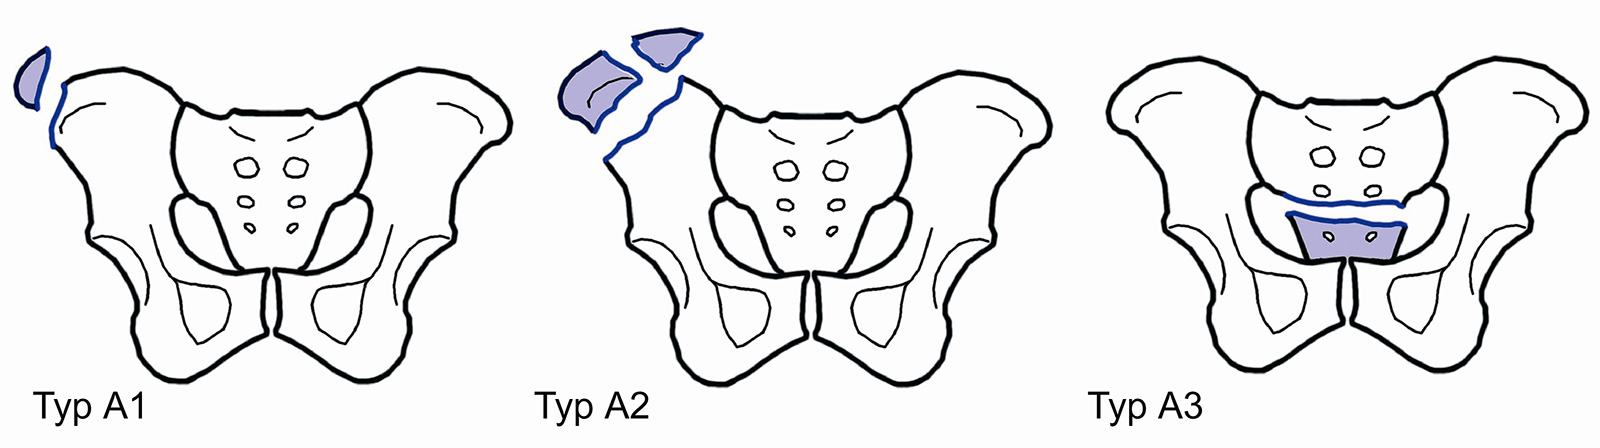 Abb. 3-12: ABC Klassifikation nach Tile: Beispiele für Typ A Frakturen